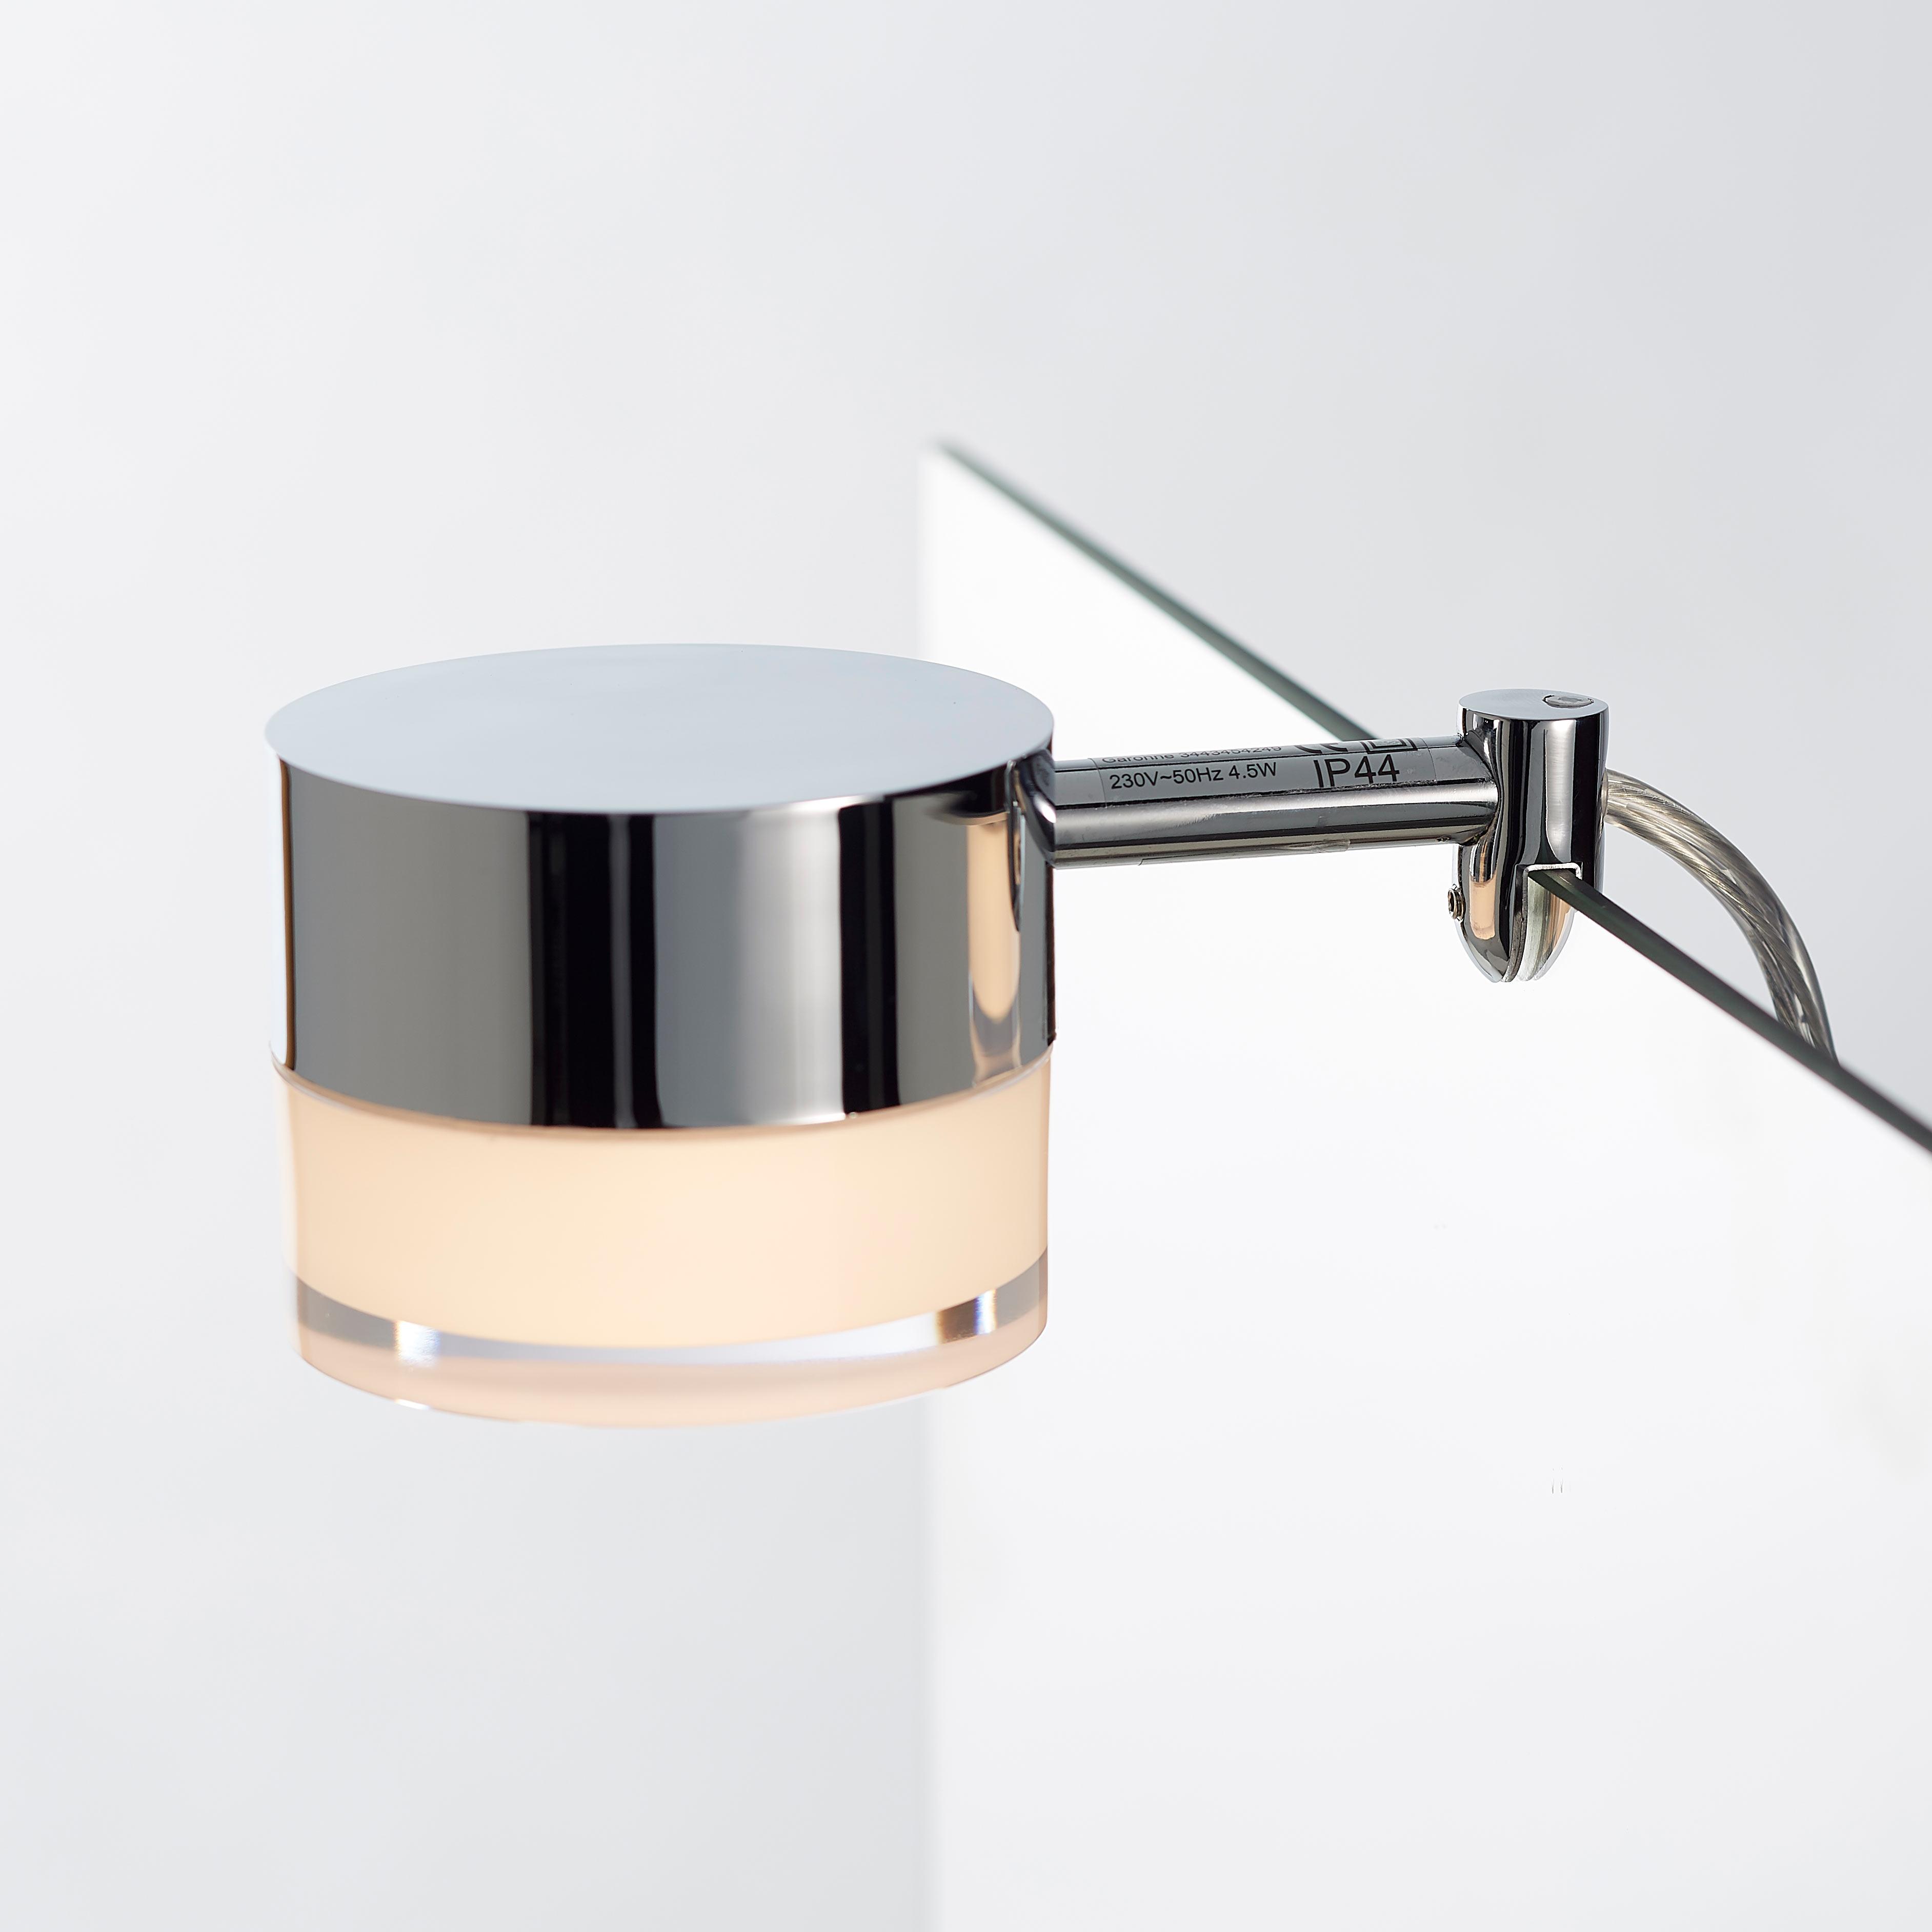 Garonne spejllampe, loevschall, led